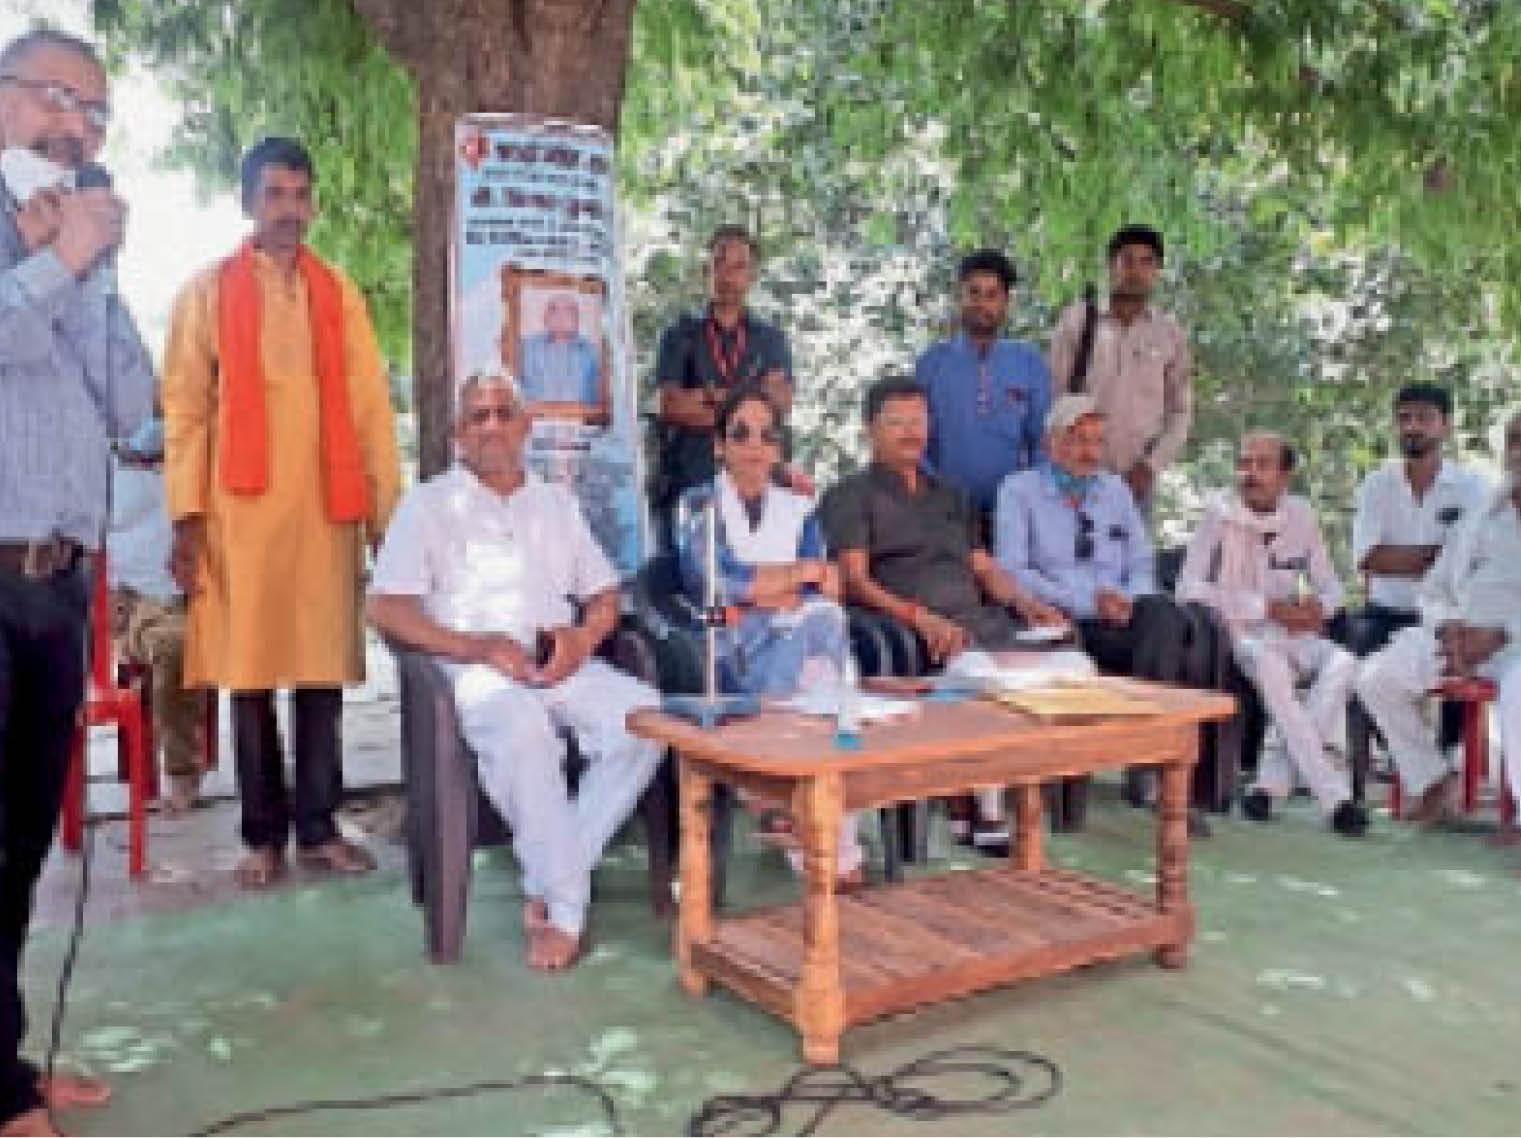 गांव में लाइब्रेरी निर्माण को लेकर बैठक में चर्चा करते लोग। - Dainik Bhaskar